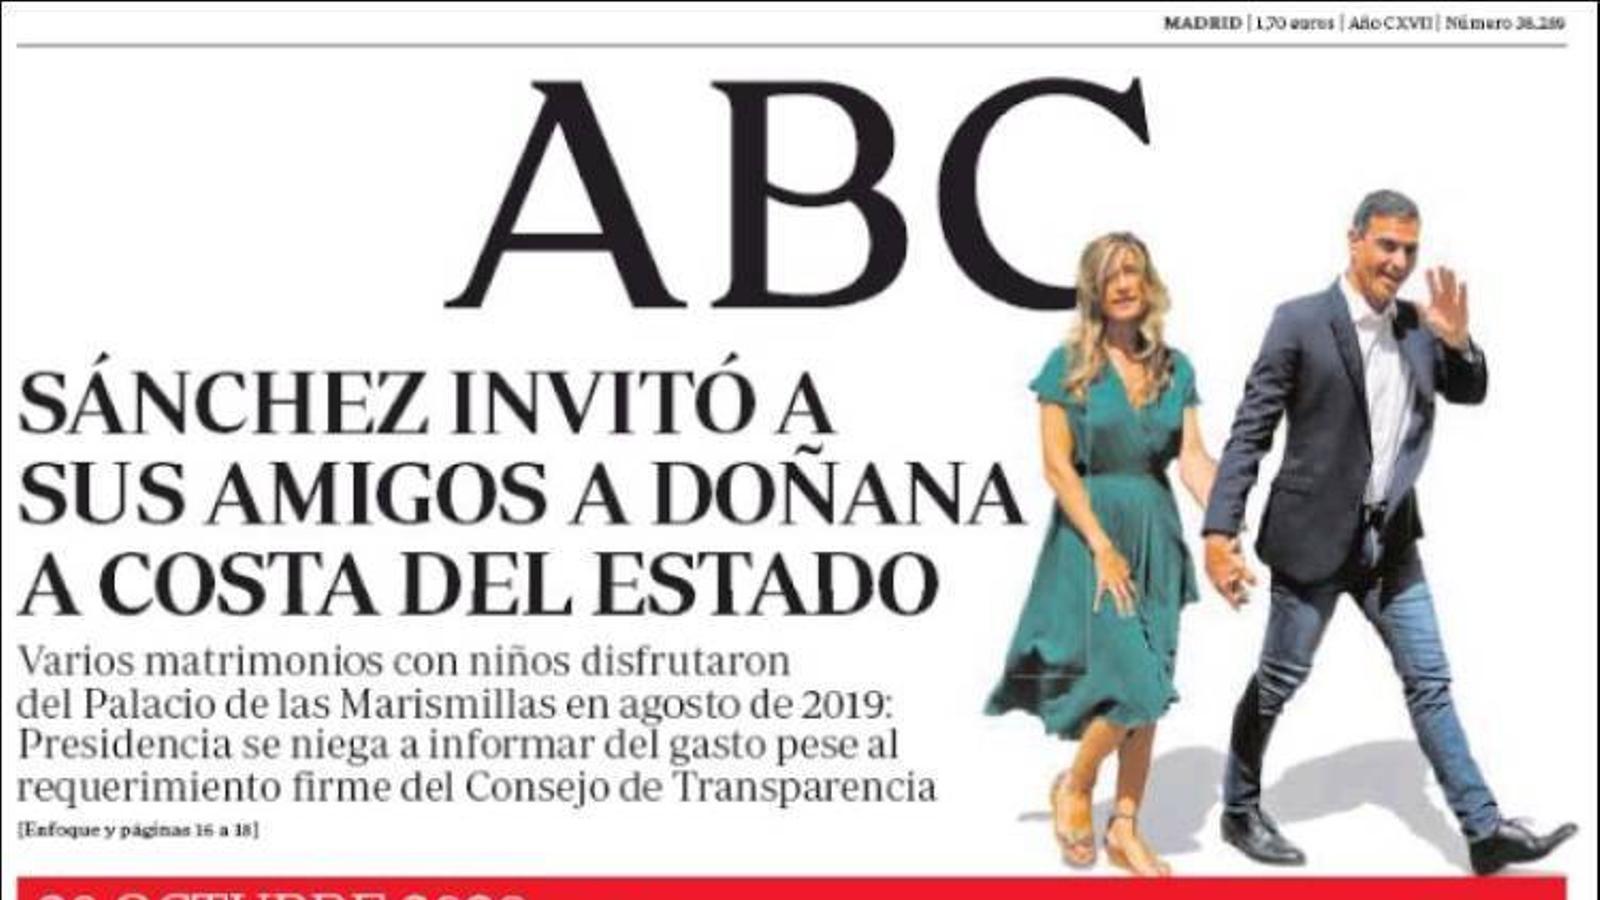 La portada de l''ABC' del 28 d'octubre de 2020